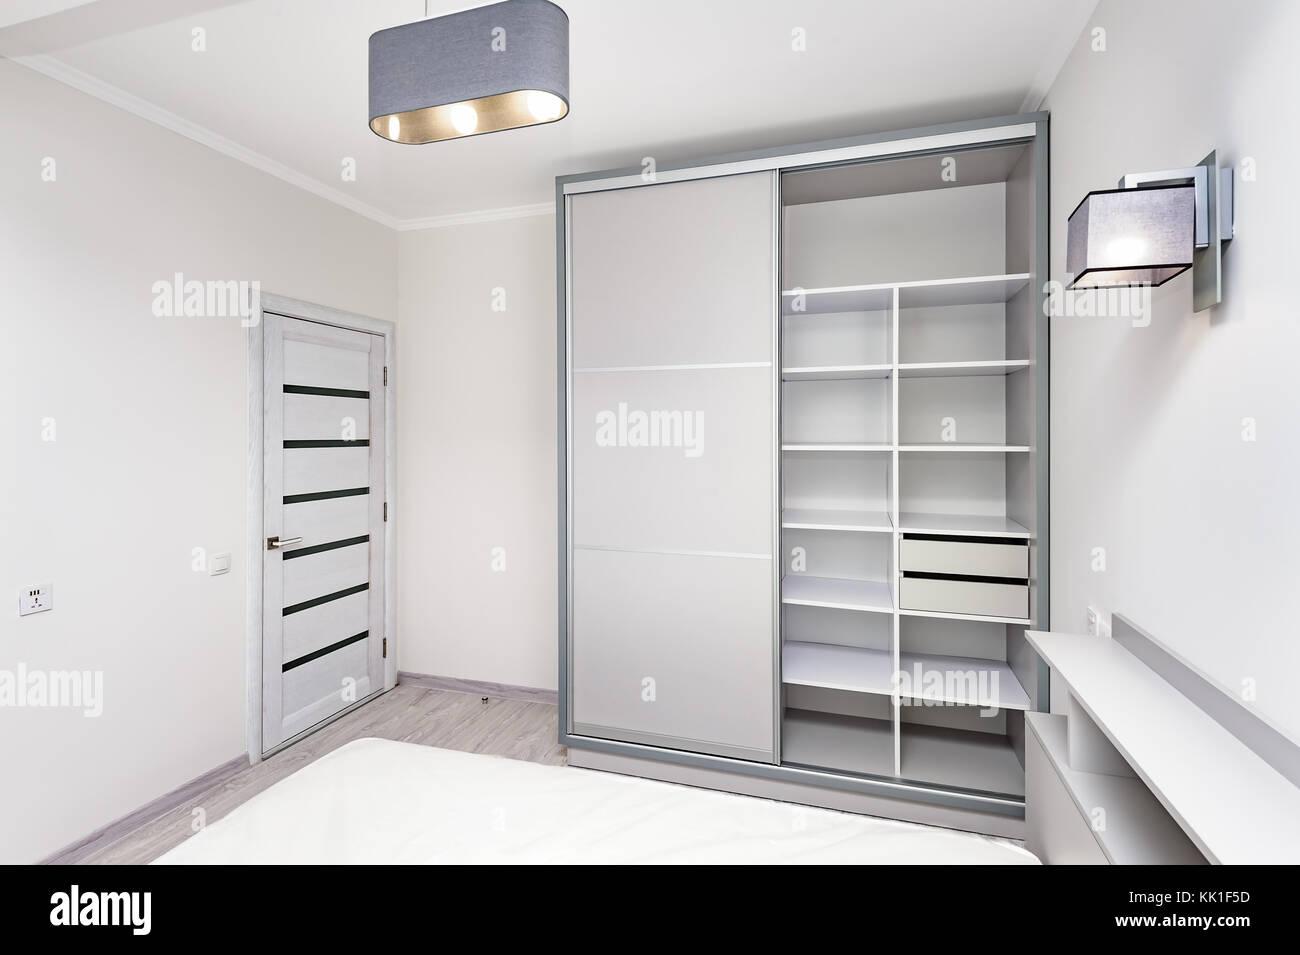 Simple White Empty Bedroom Interior Stock Photo 166605641 Alamy